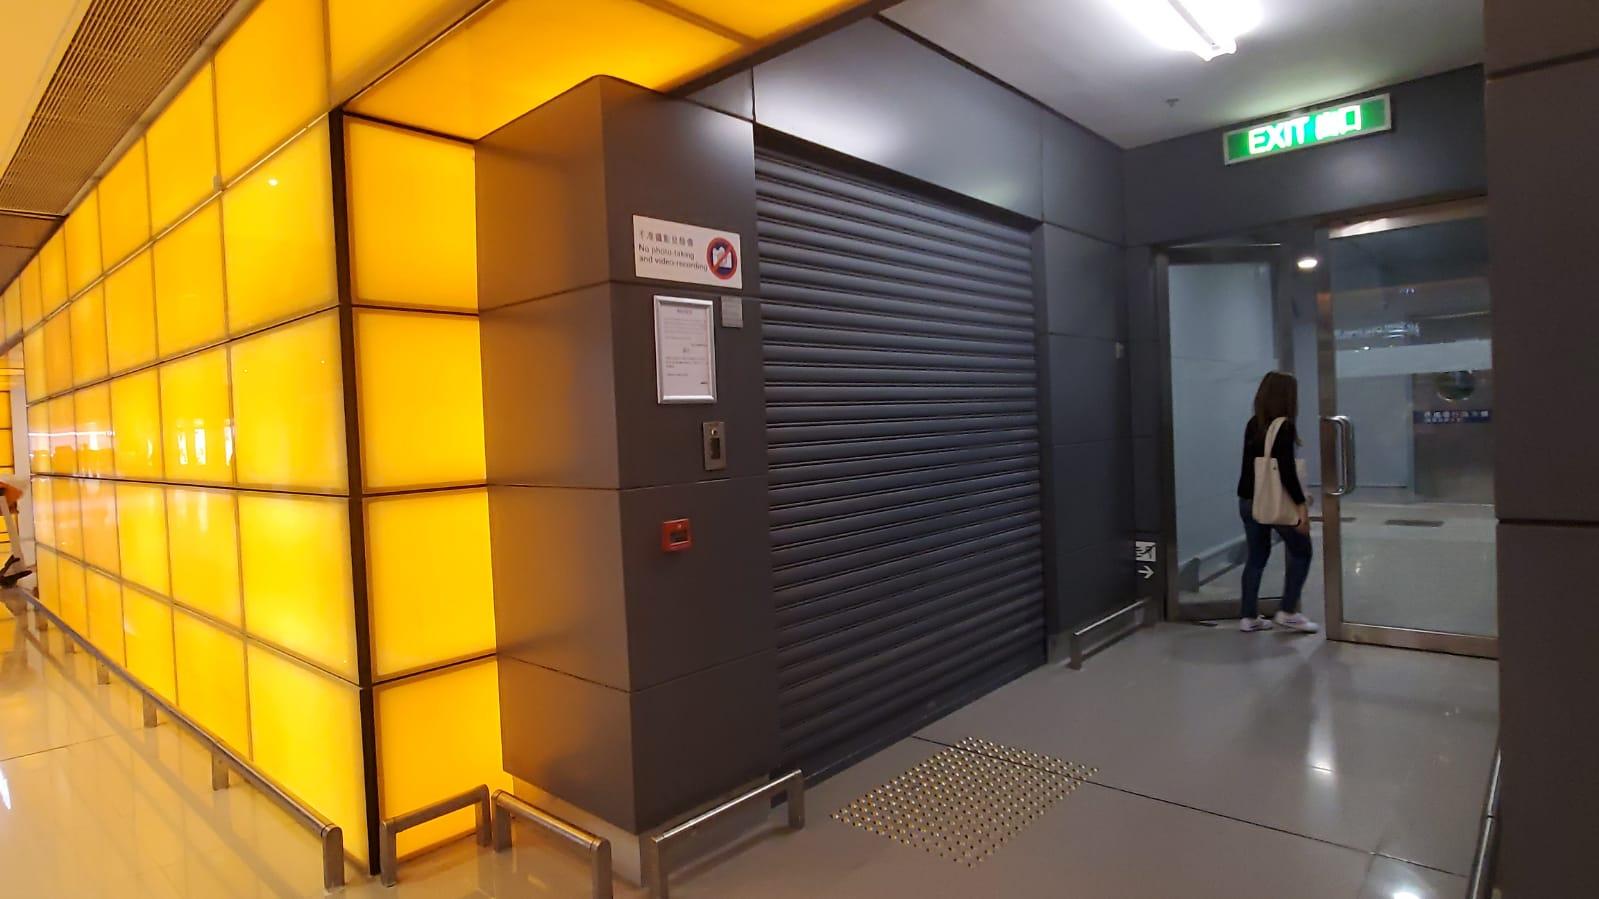 機鐵站的警崗未有警員駐守。